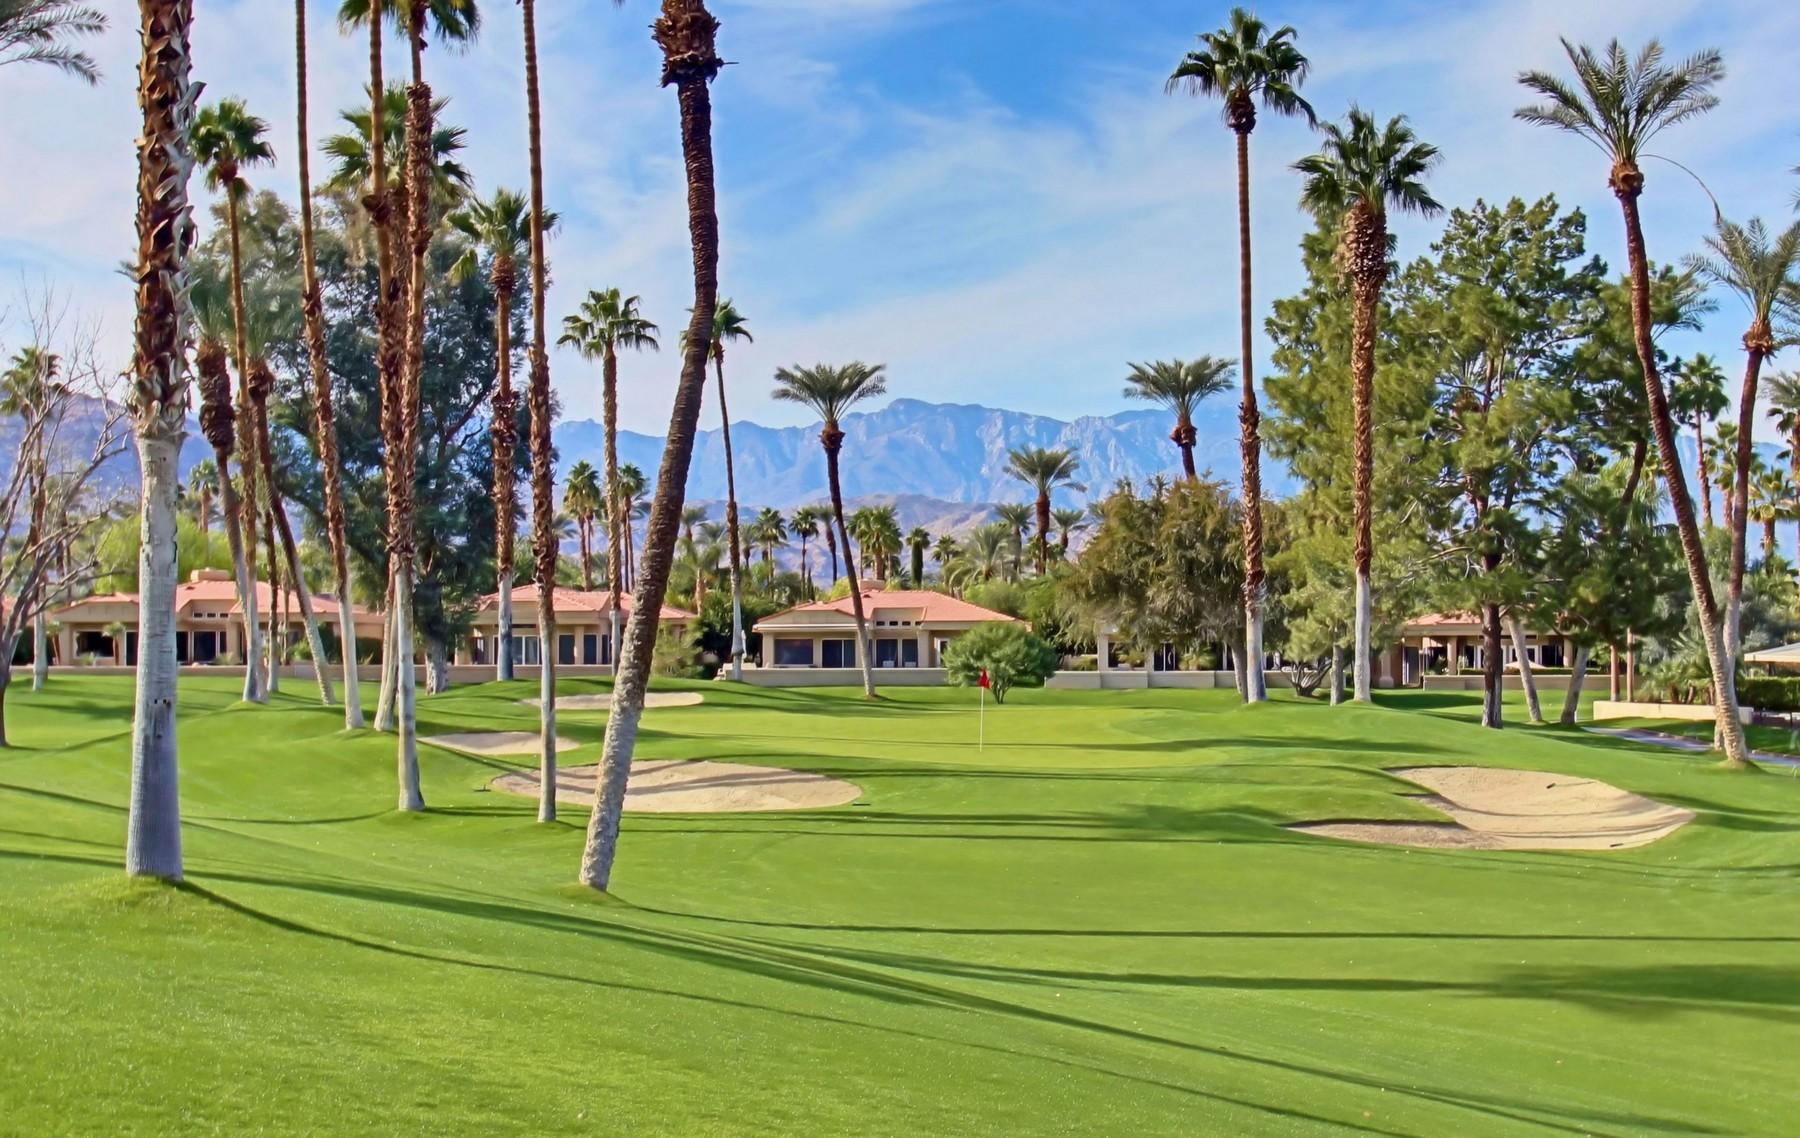 Maison unifamiliale pour l Vente à 44826 Doral Drive Indian Wells, Californie, 92210 États-Unis